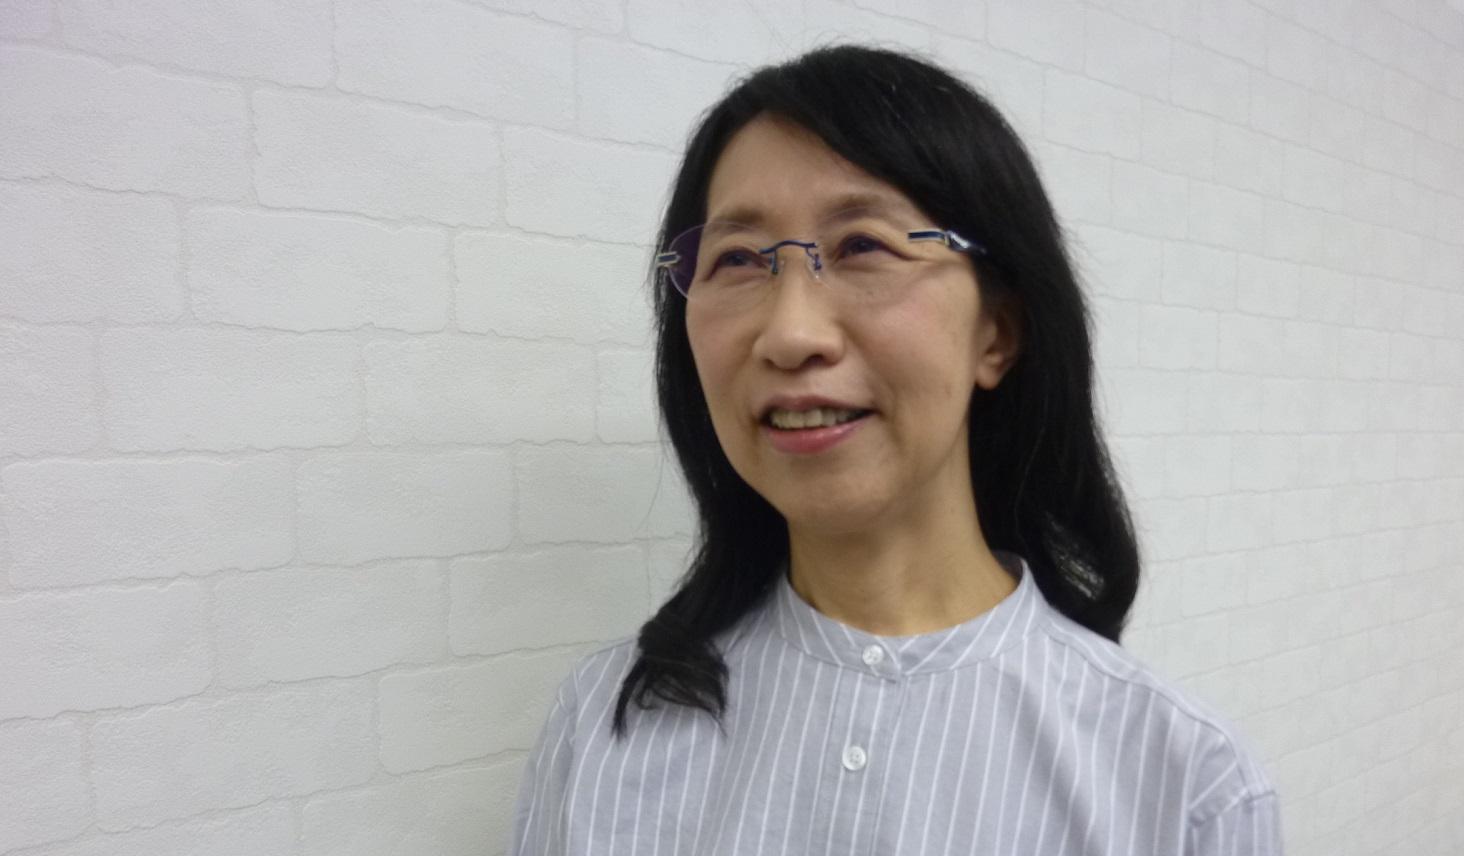 高機能メガネをかけた女性の姿